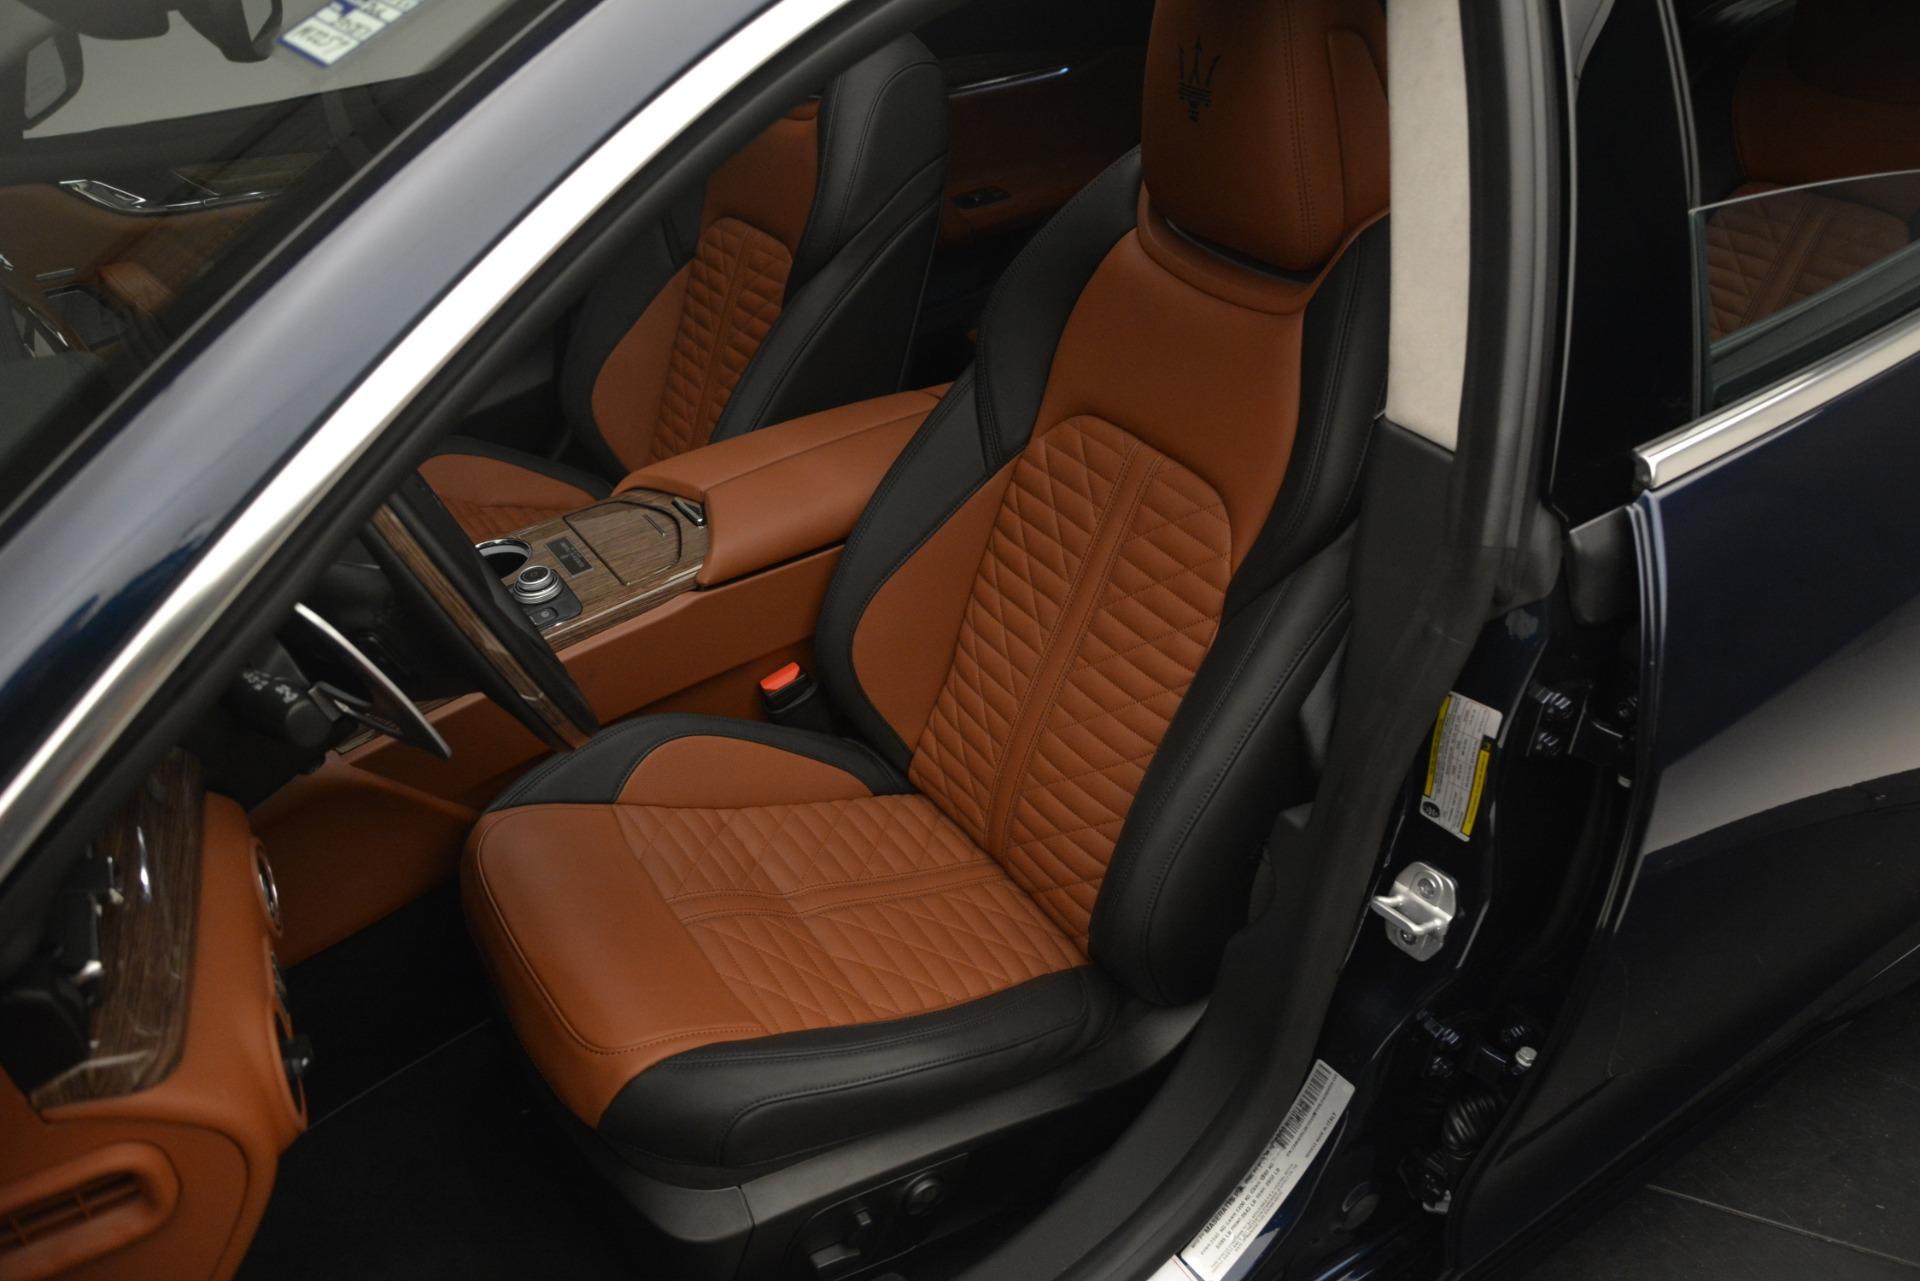 New 2019 Maserati Quattroporte S Q4 GranLusso Edizione Nobile For Sale 0 In Greenwich, CT